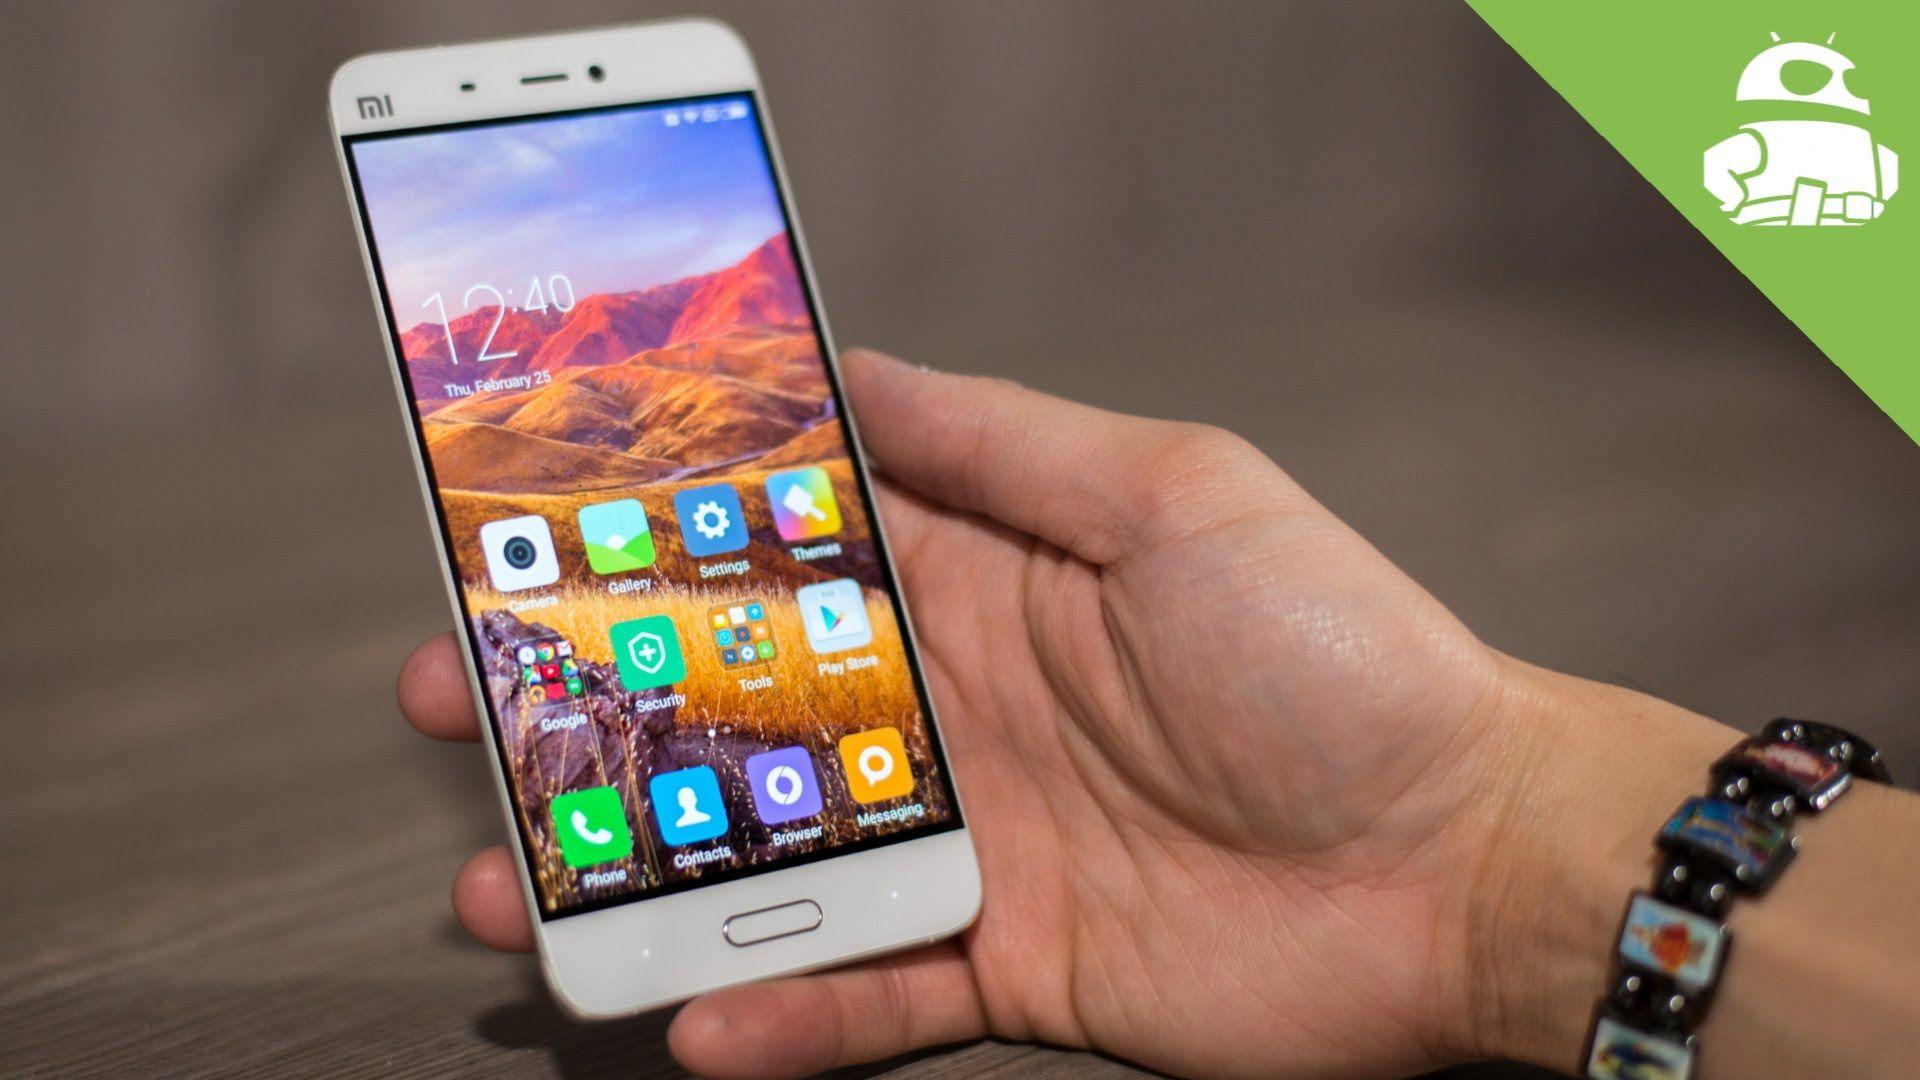 Черный цвет смартфона Xiaomi Mi5 выглядит действительно очень солидно. Он придает изделию целостность. Телефон кажется монолитным и не разбитым на несколько разных цветных участков.